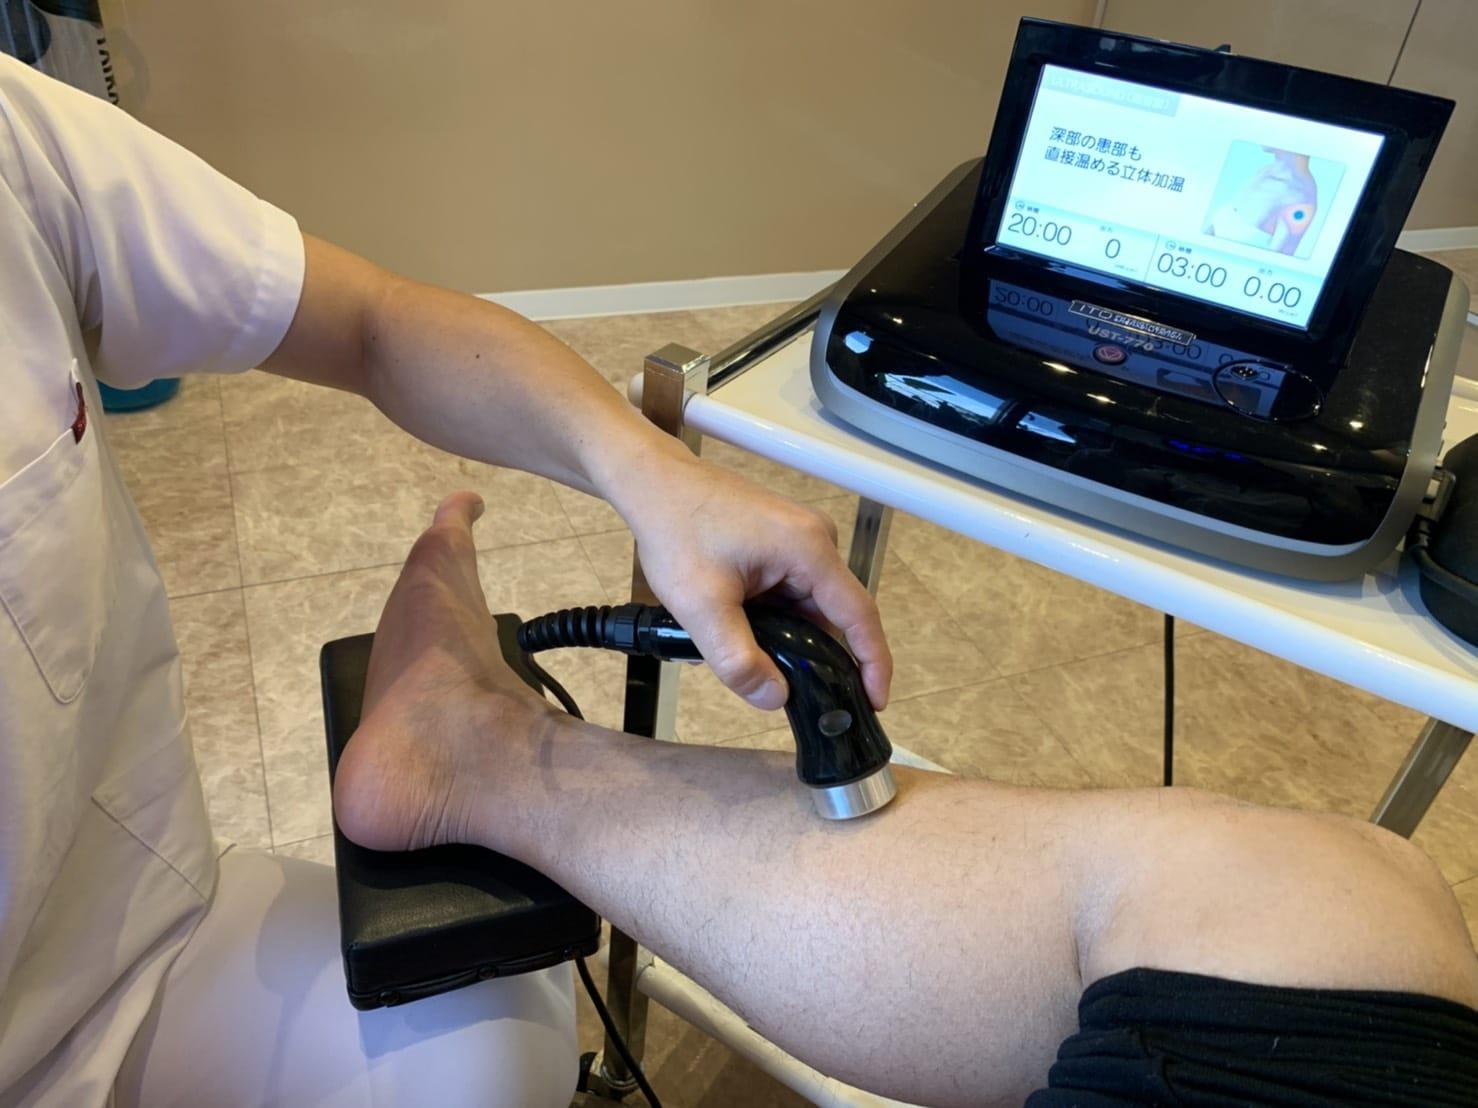 超音波治療器を用いた施術